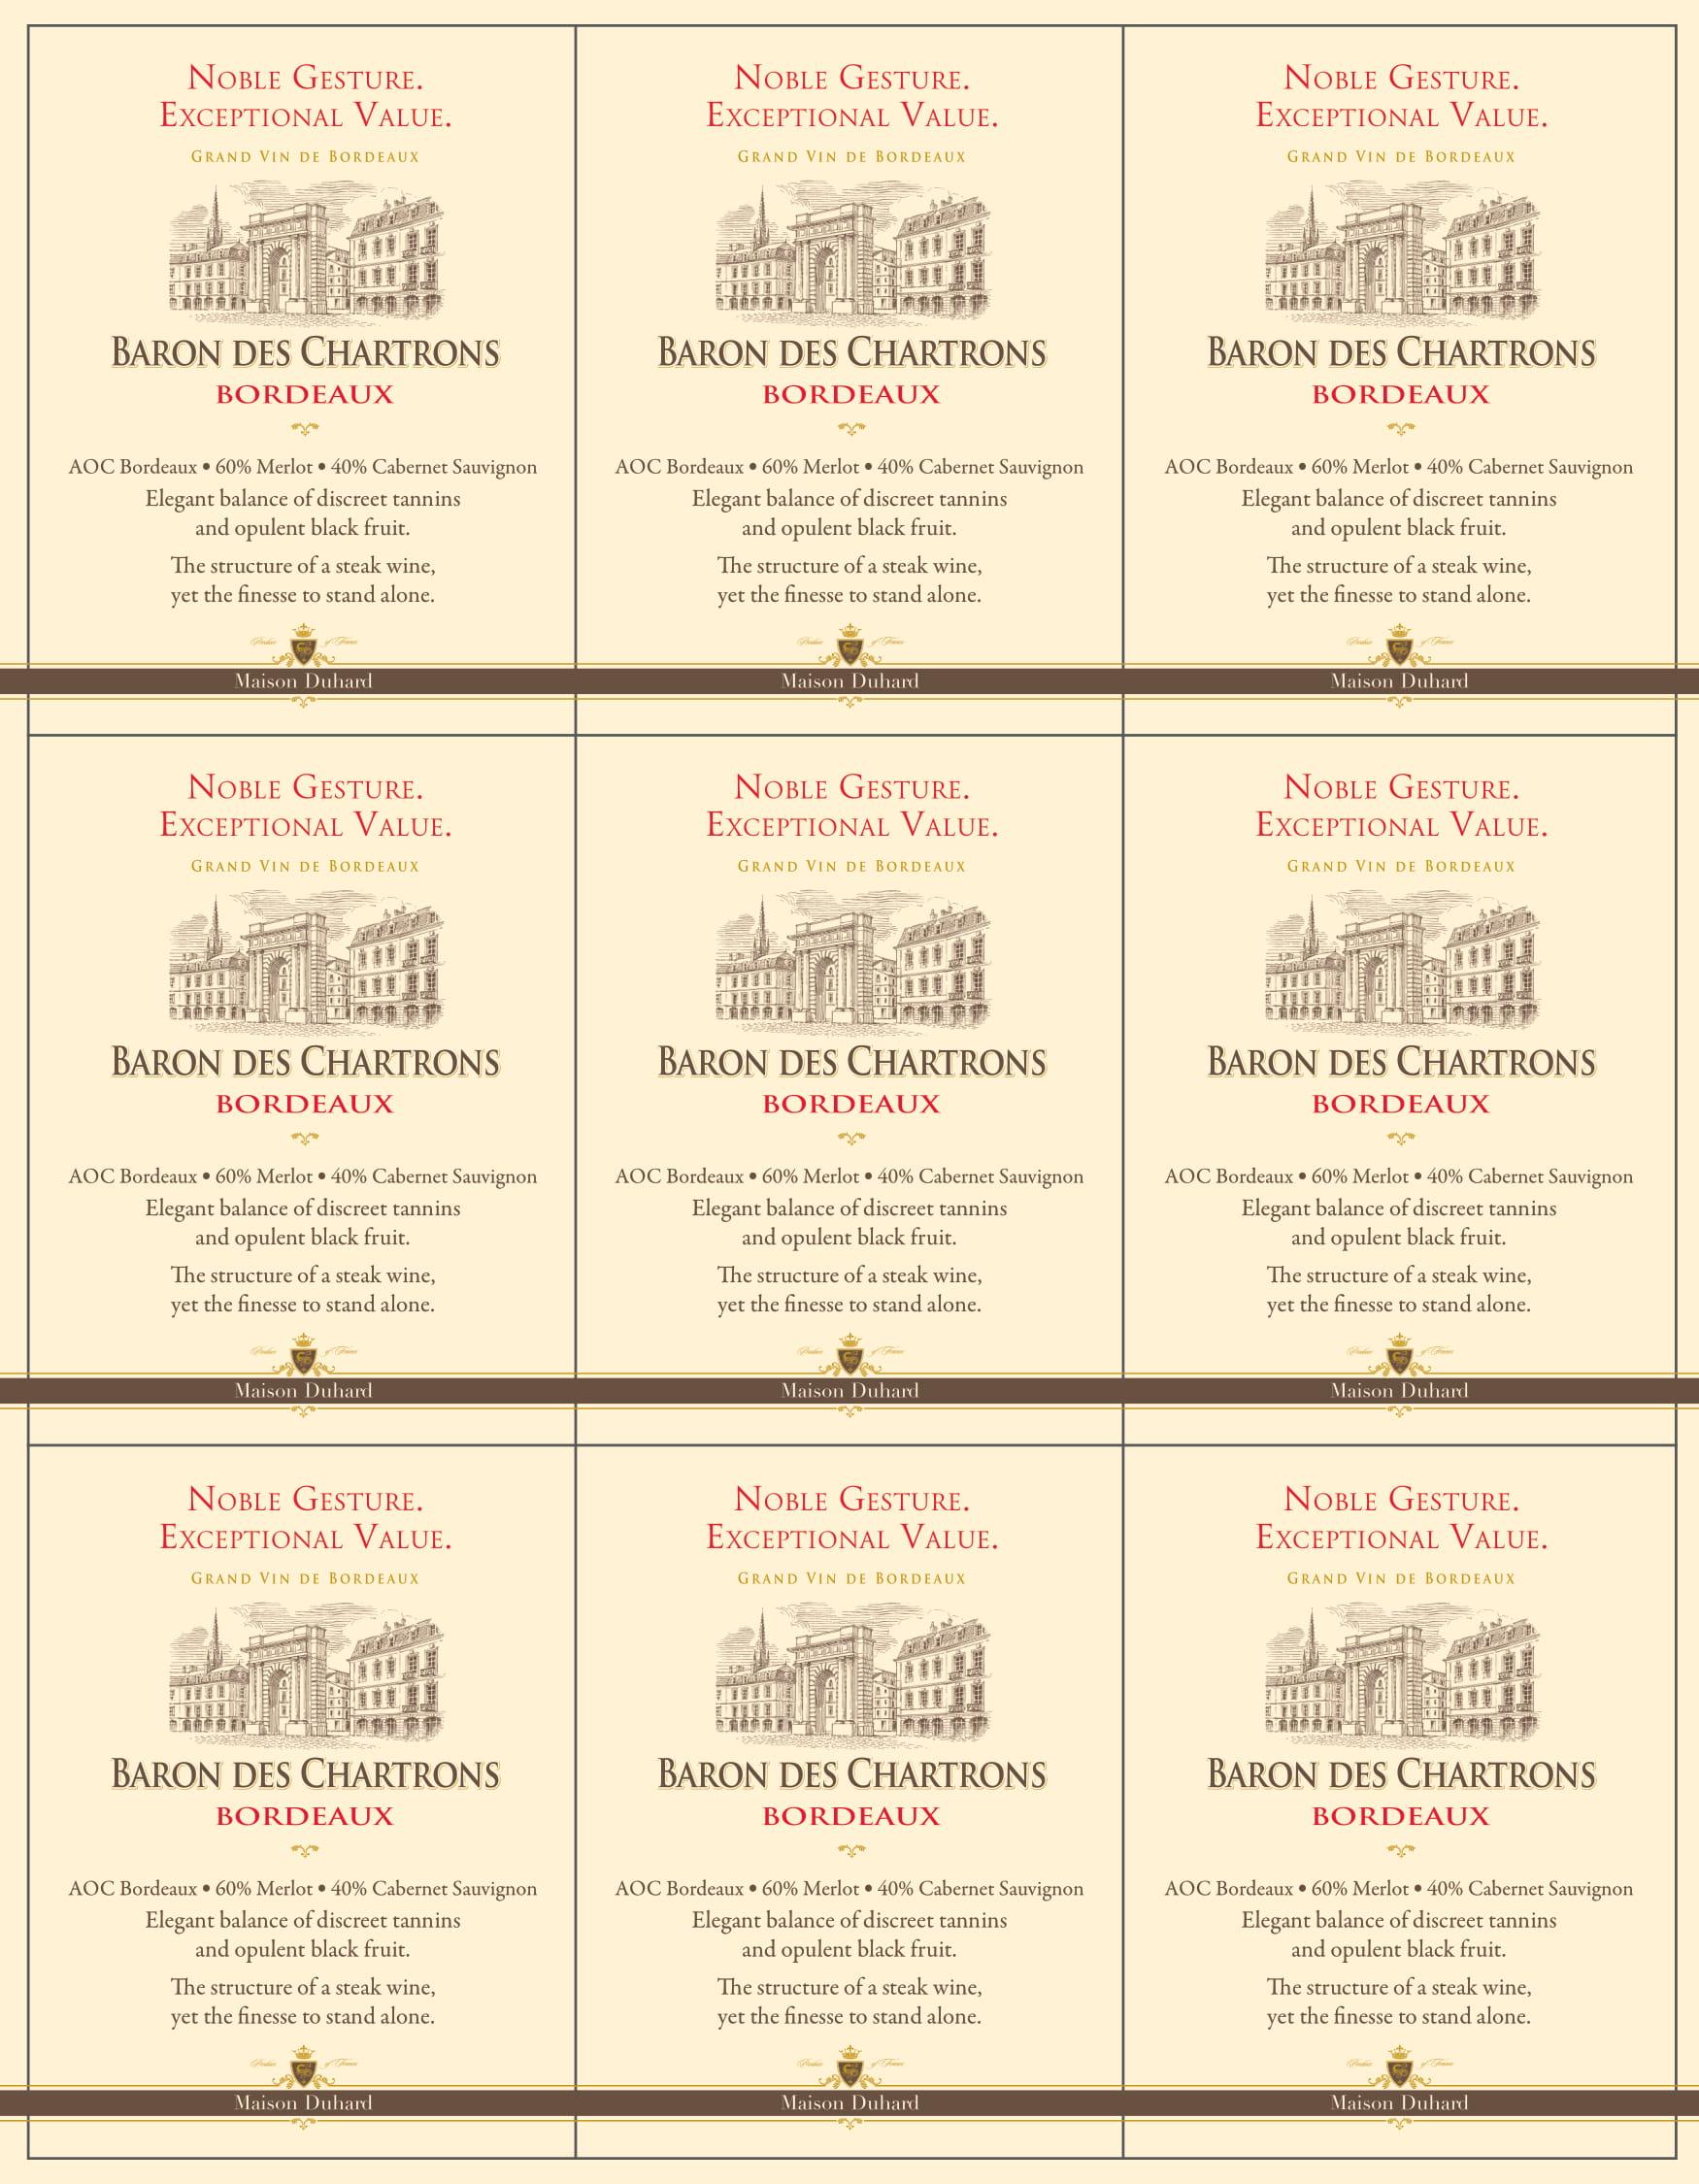 Baron des Chartrons Bordeaux Shelf Talkers